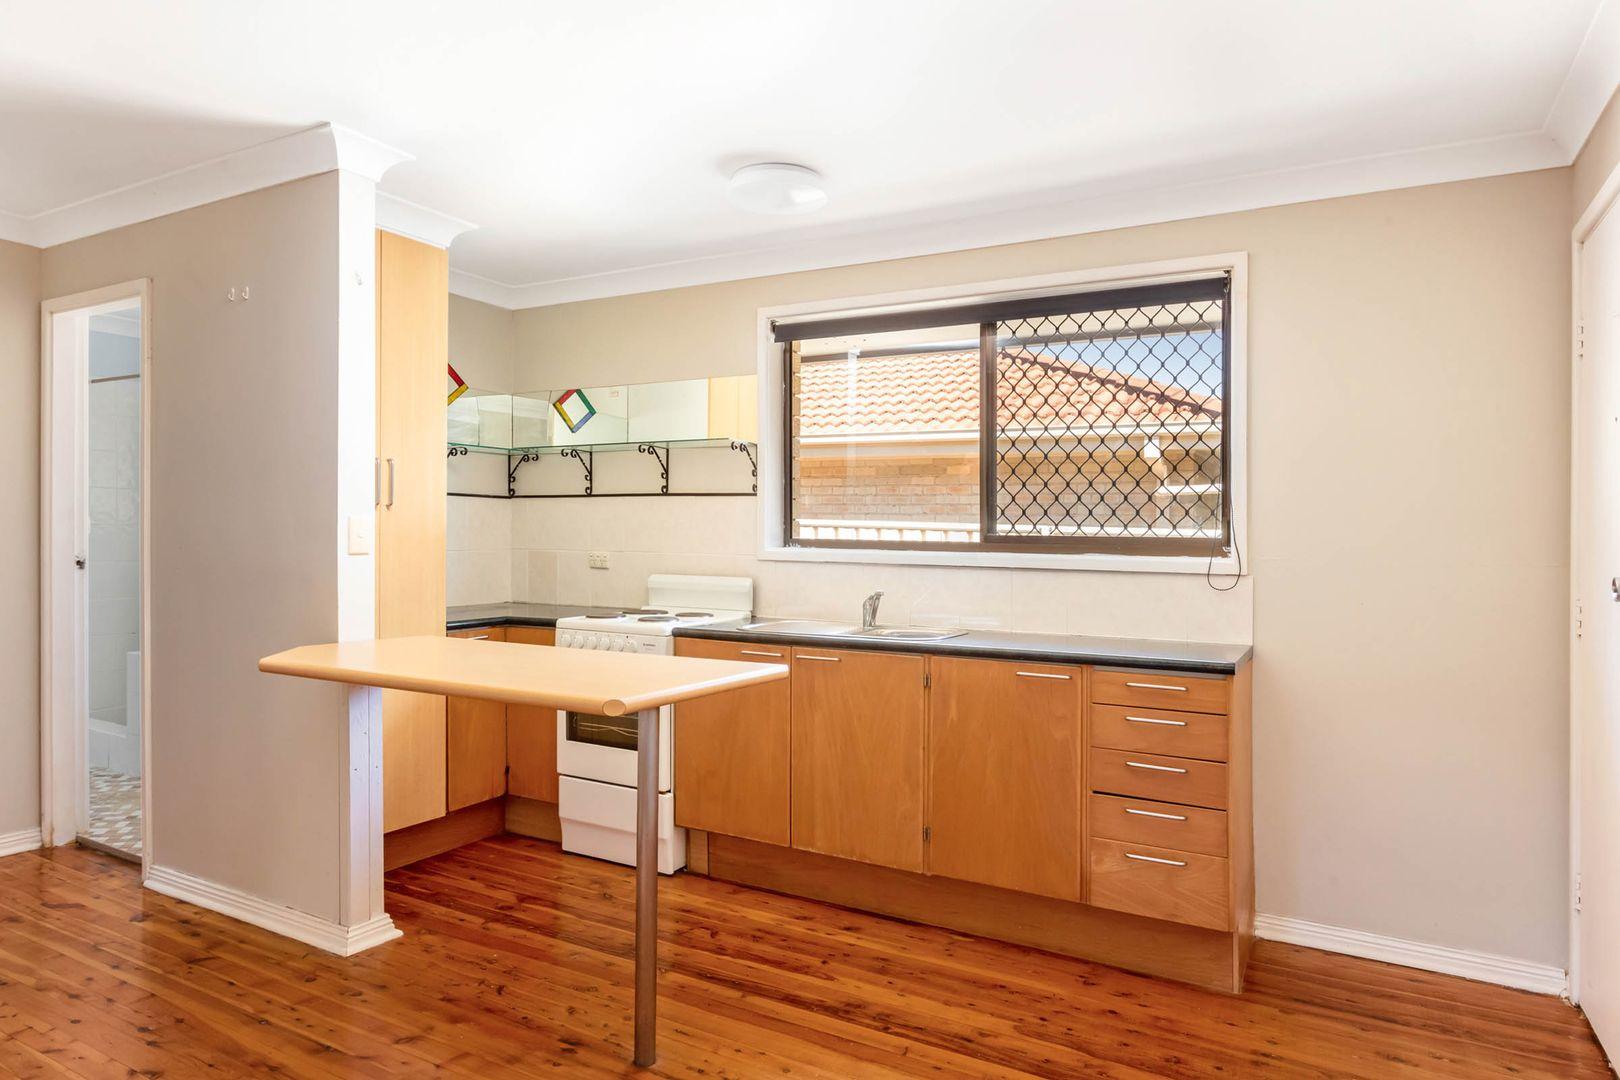 2/4 Lyne Street, Oak Flats NSW 2529, Image 2